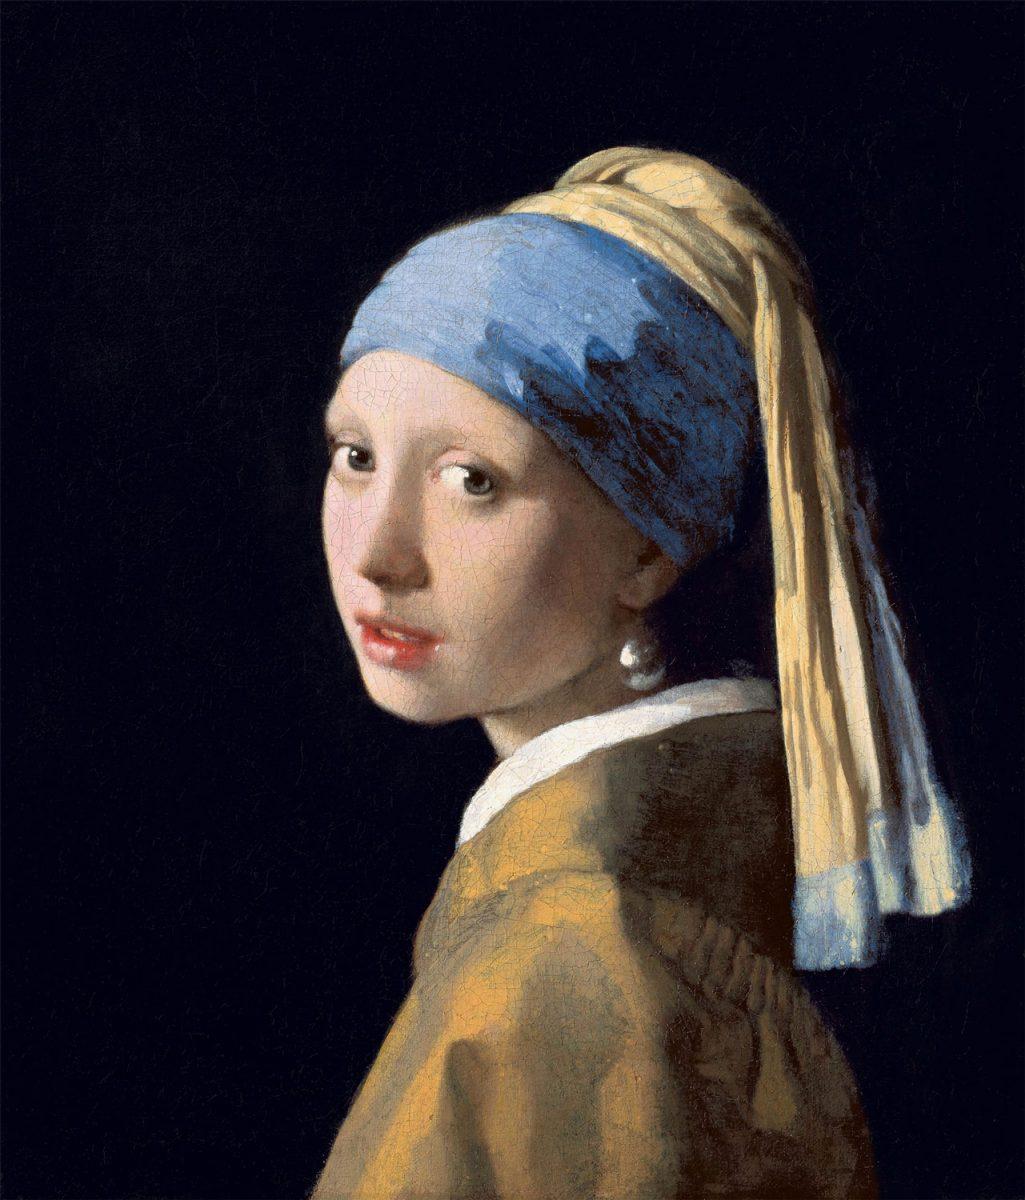 Γιοχάνες Βερμέερ, «Το κορίτσι με το μαργαριταρένιο σκουλαρίκι», 1665, Χάγη, Mauritshuis.